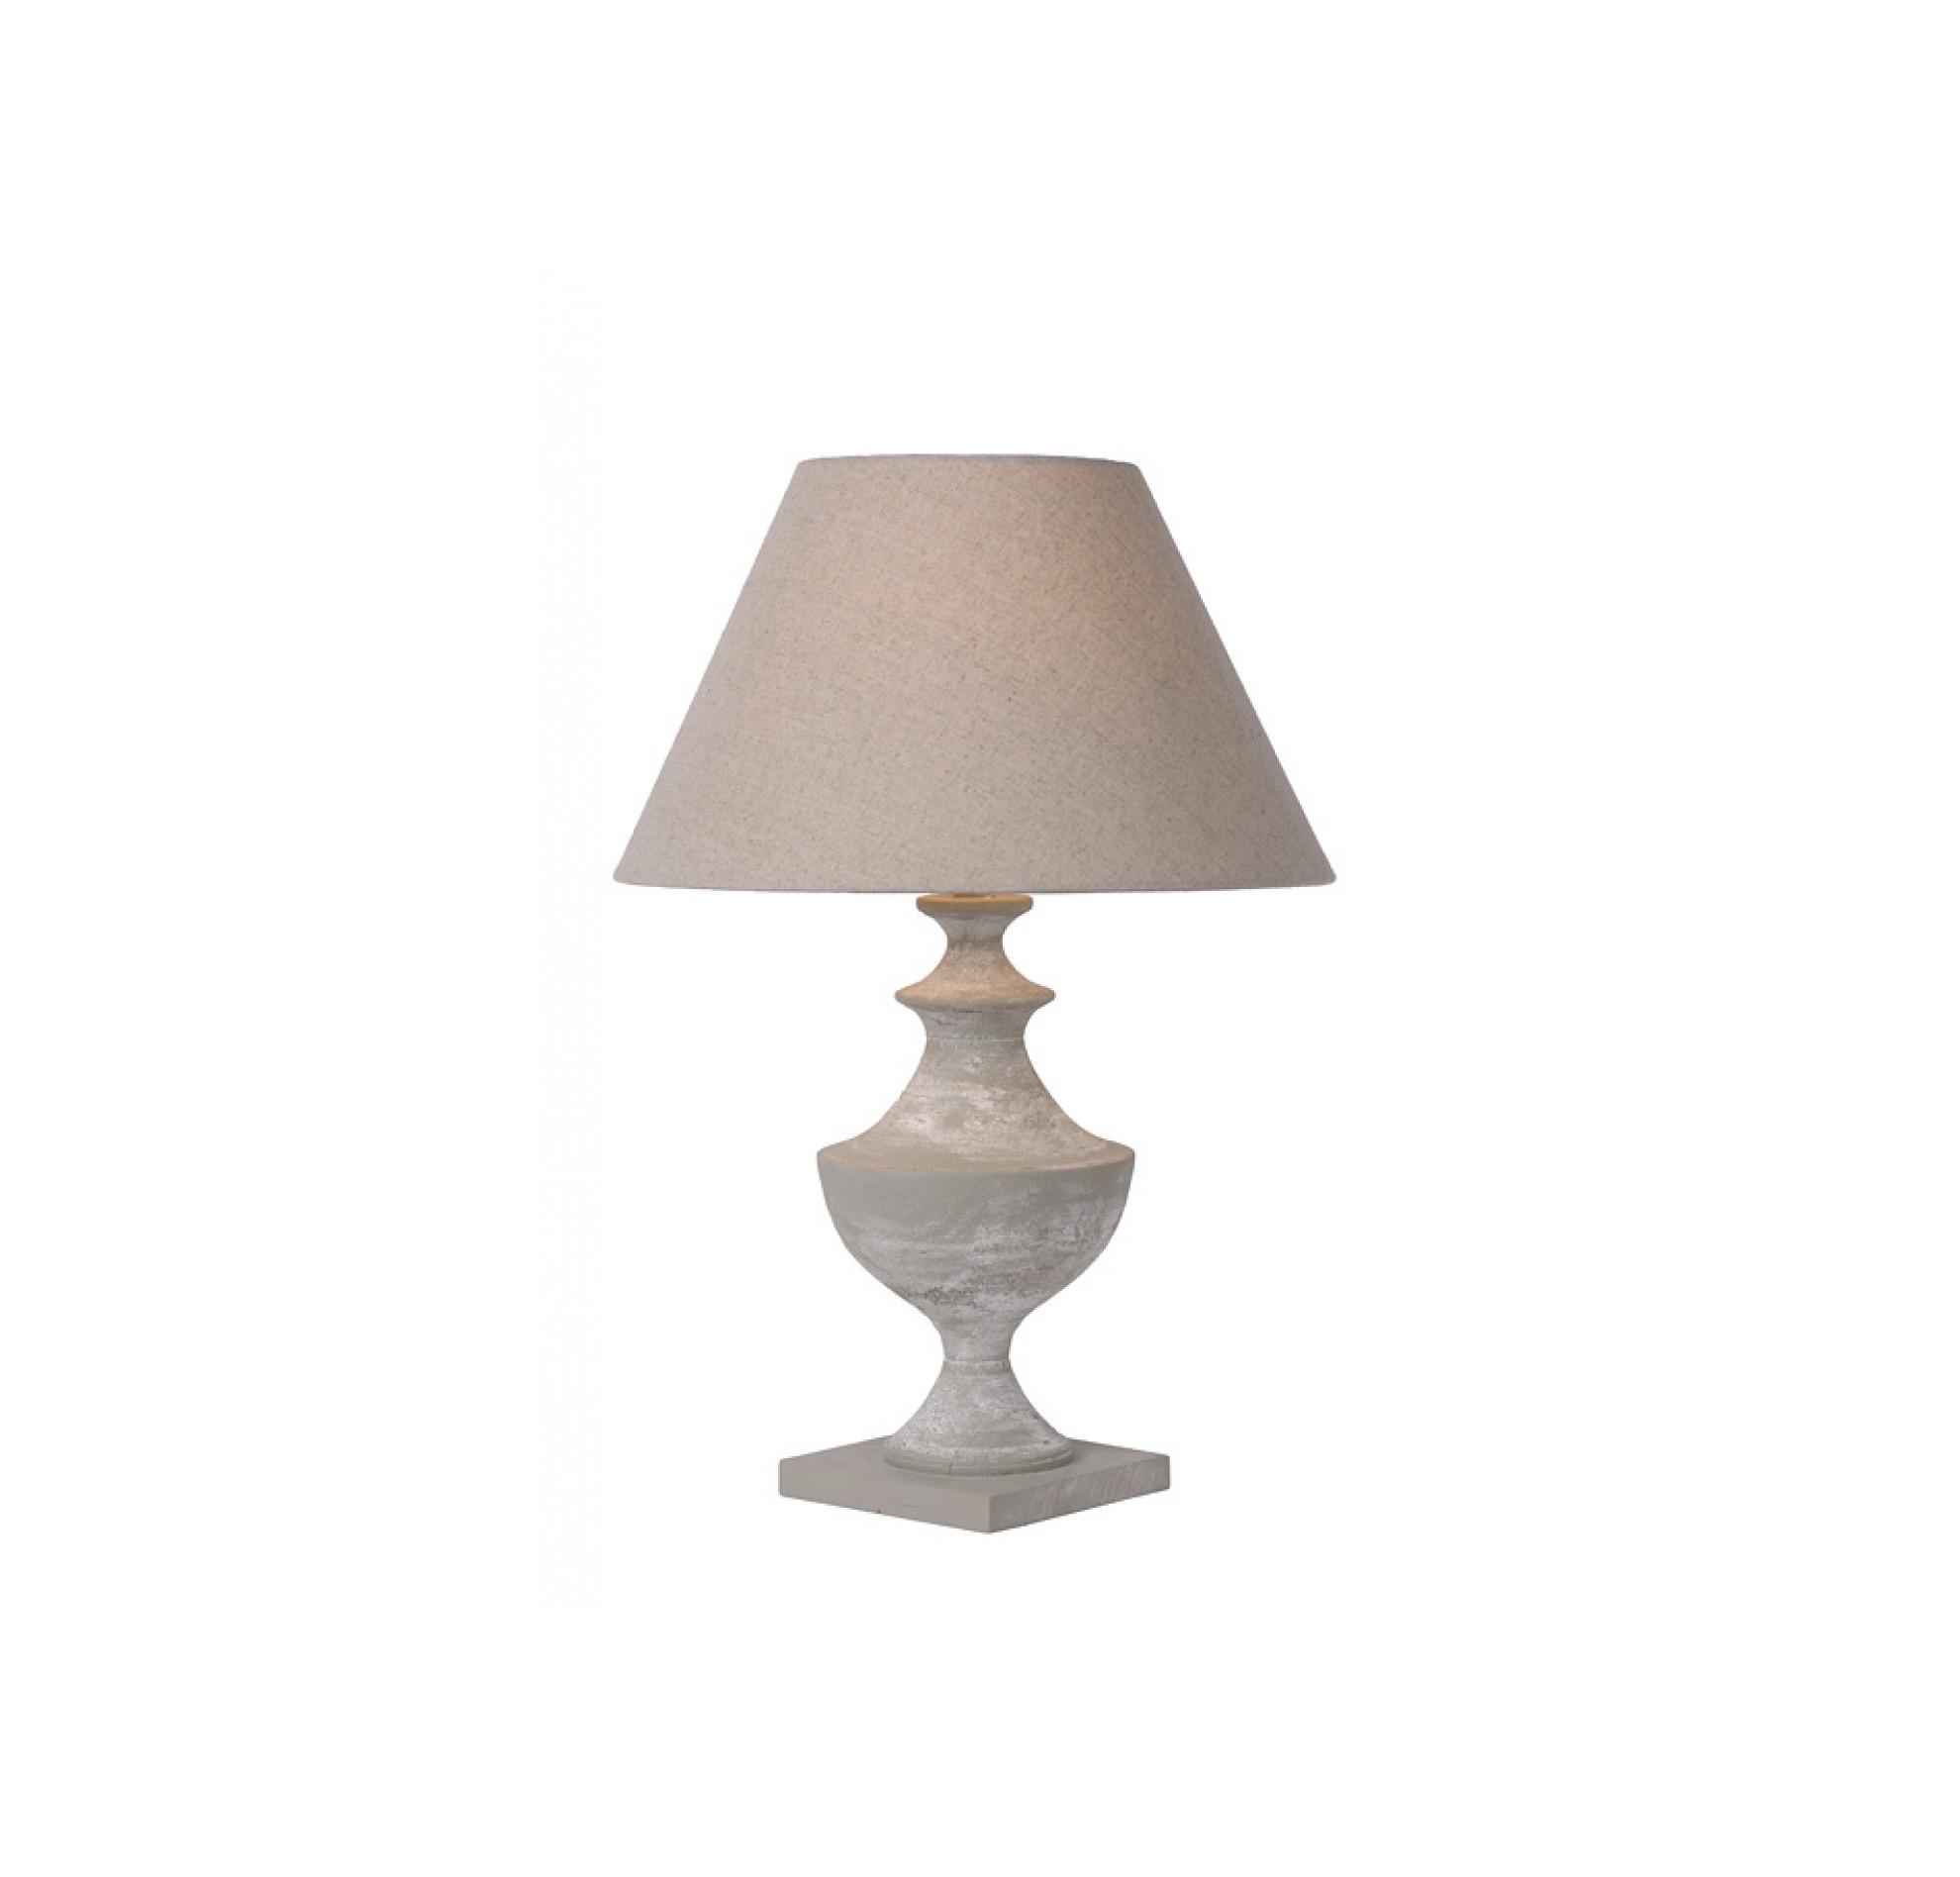 Настольная лампа ROBINДекоративные лампы<br>основание: металл/дерево/серый<br>плафон: лён/серо-коричневый<br>диаметр: 40 см<br>высота: 58 см<br>E27, 60W,1 лампочка (в комплект не входит)<br><br>Material: Дерево<br>Высота см: 58